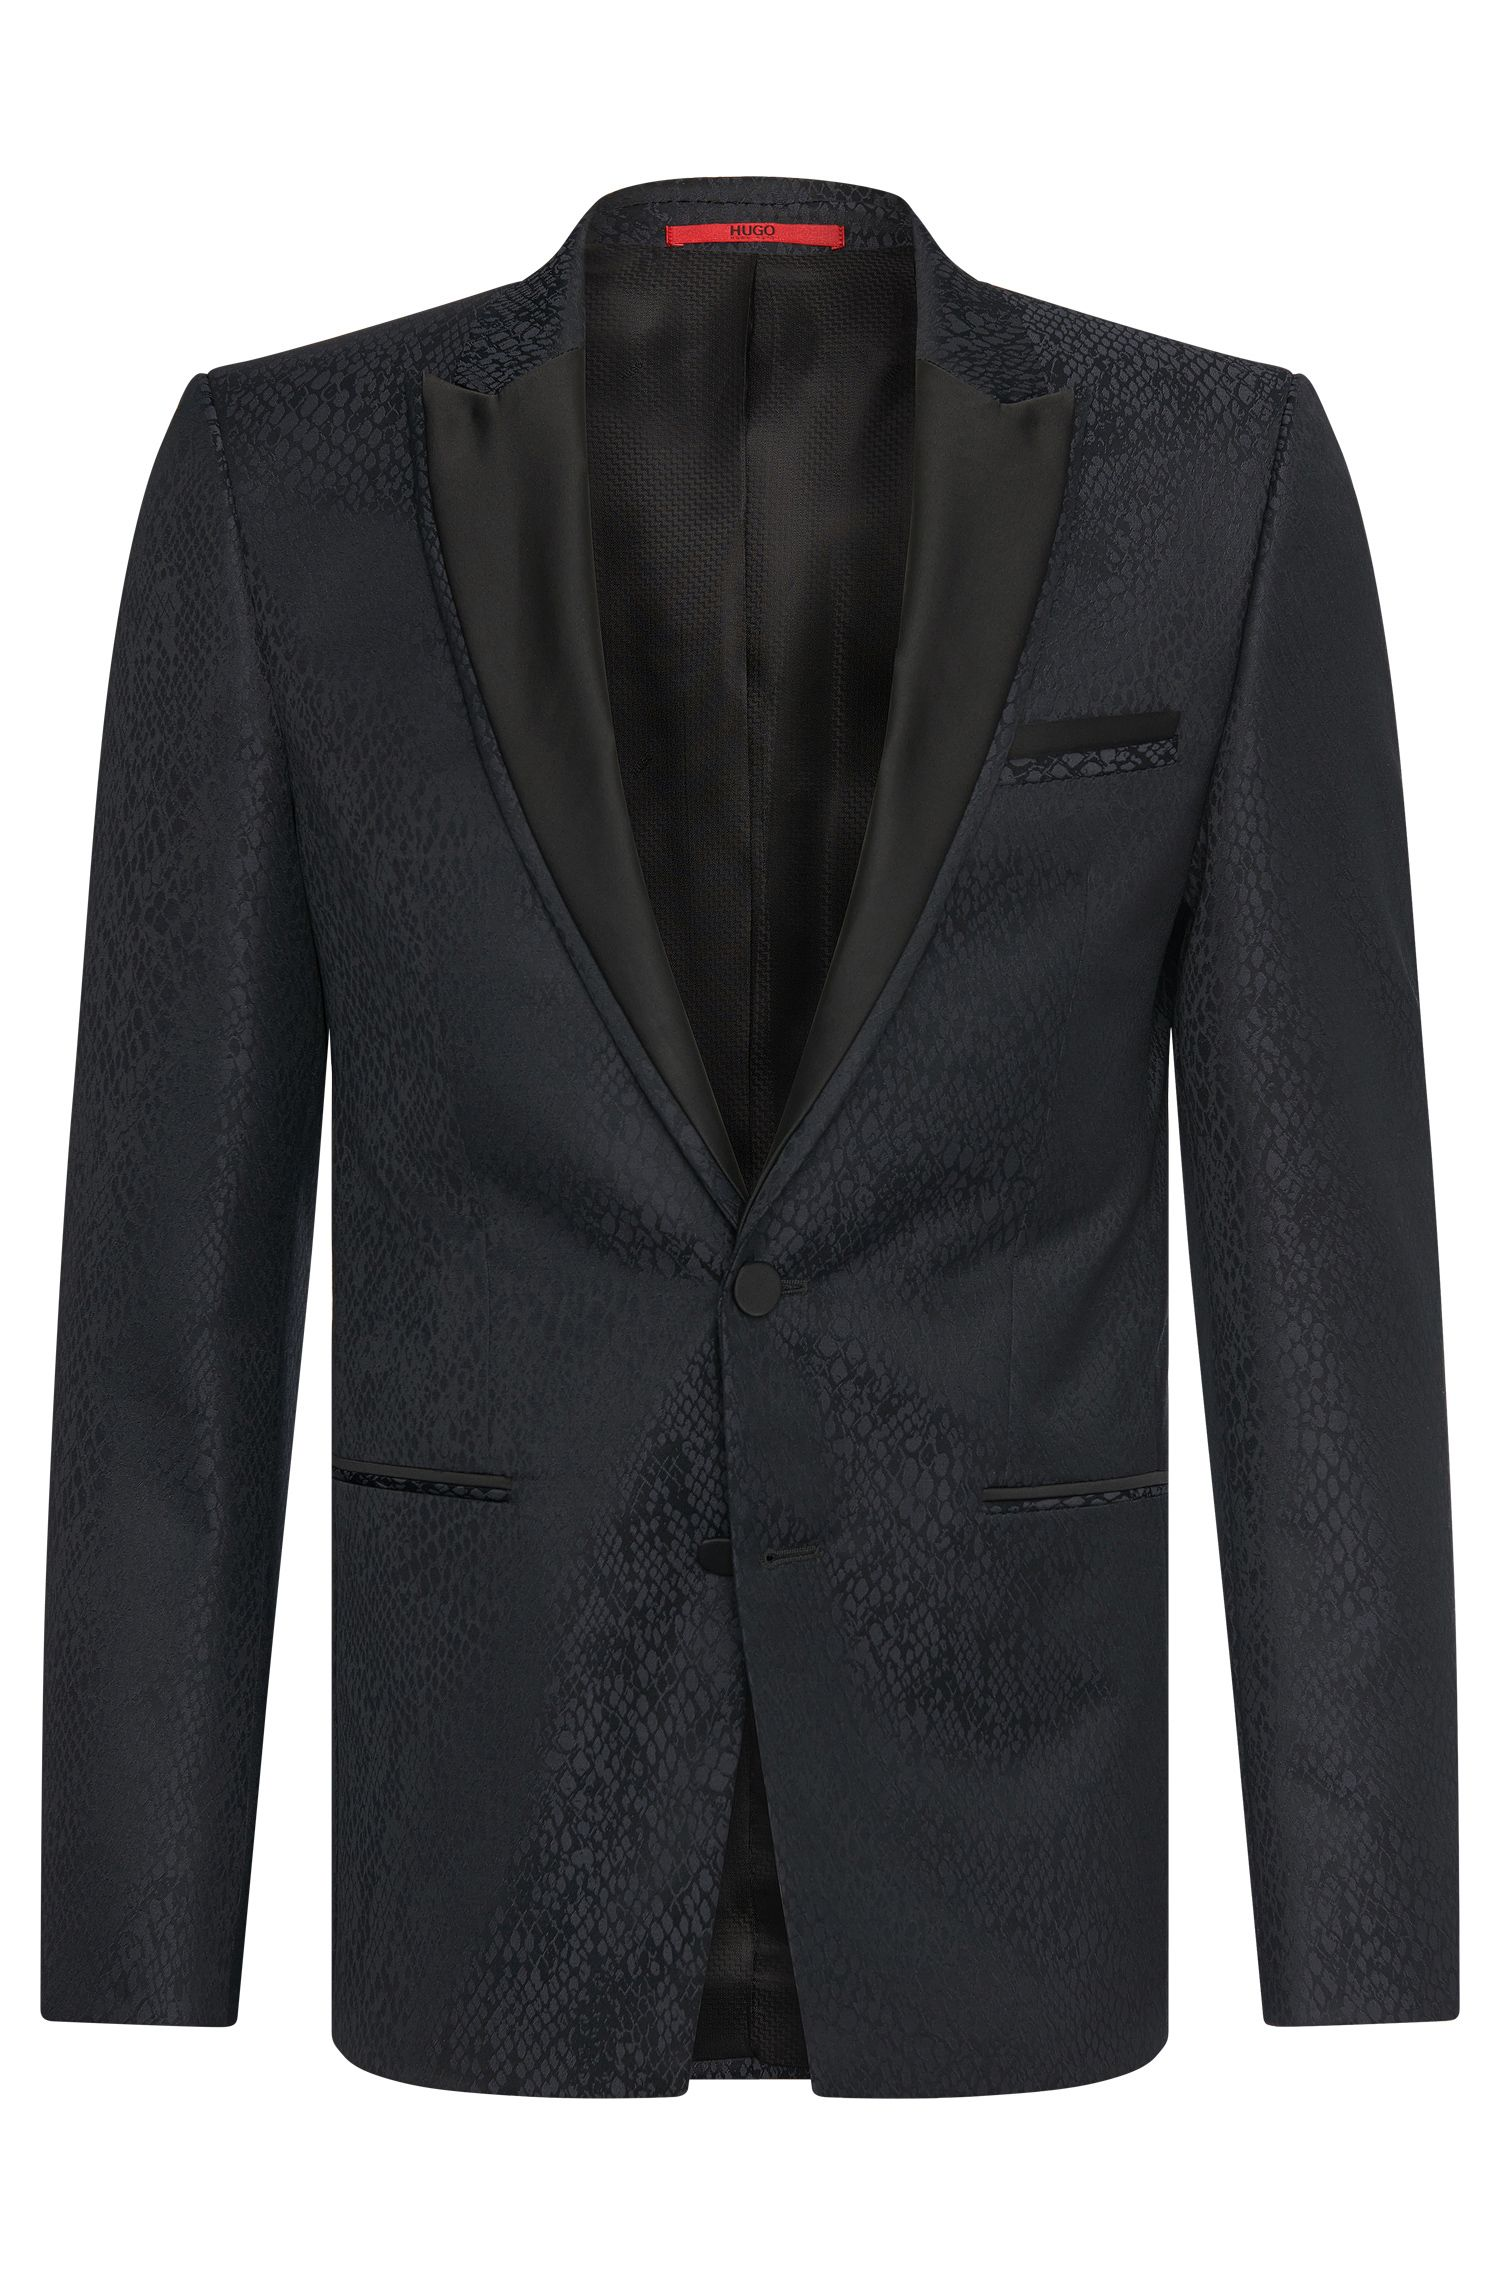 Giacca extra slim fit in misto lana vergine con pochette da taschino integrata. 'Alery'